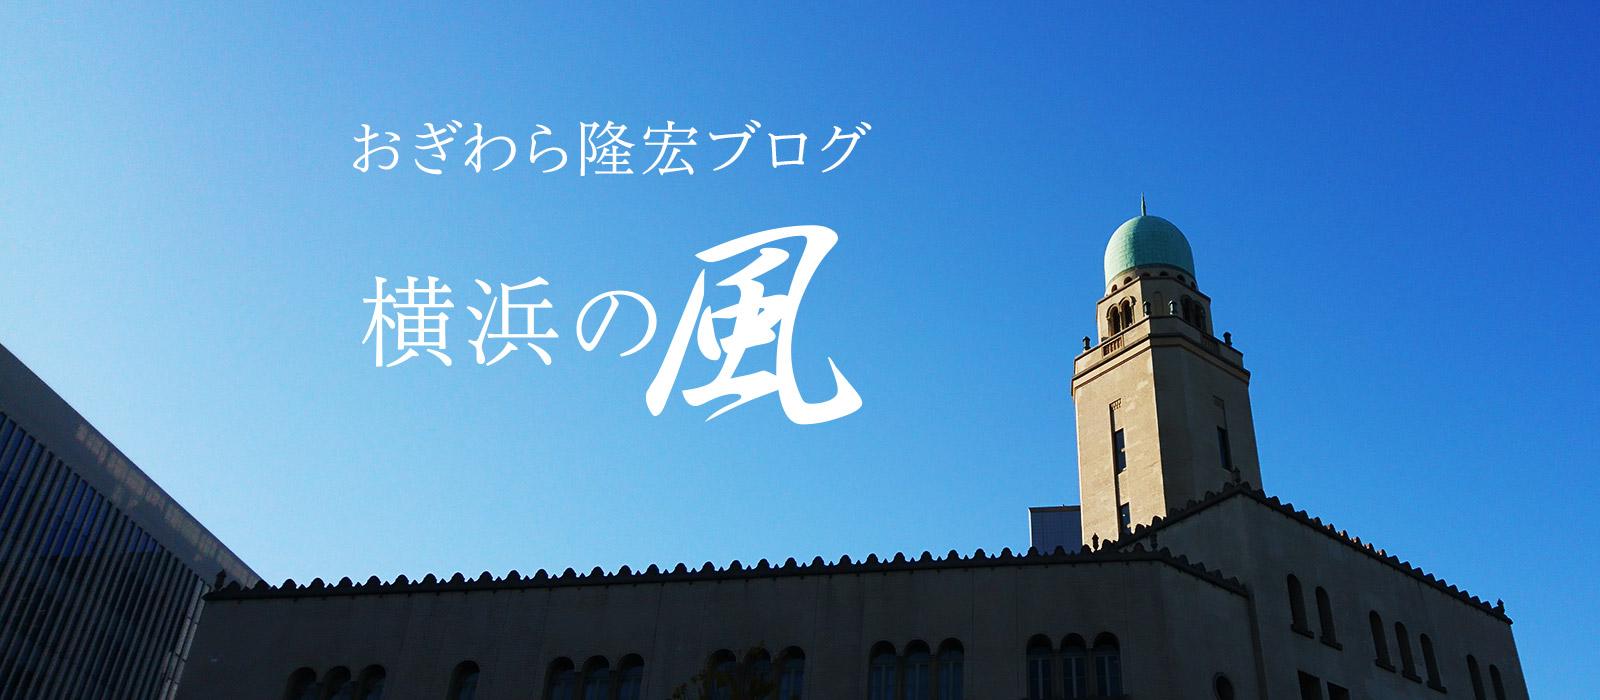 おぎわら隆宏ブログ 横浜の風